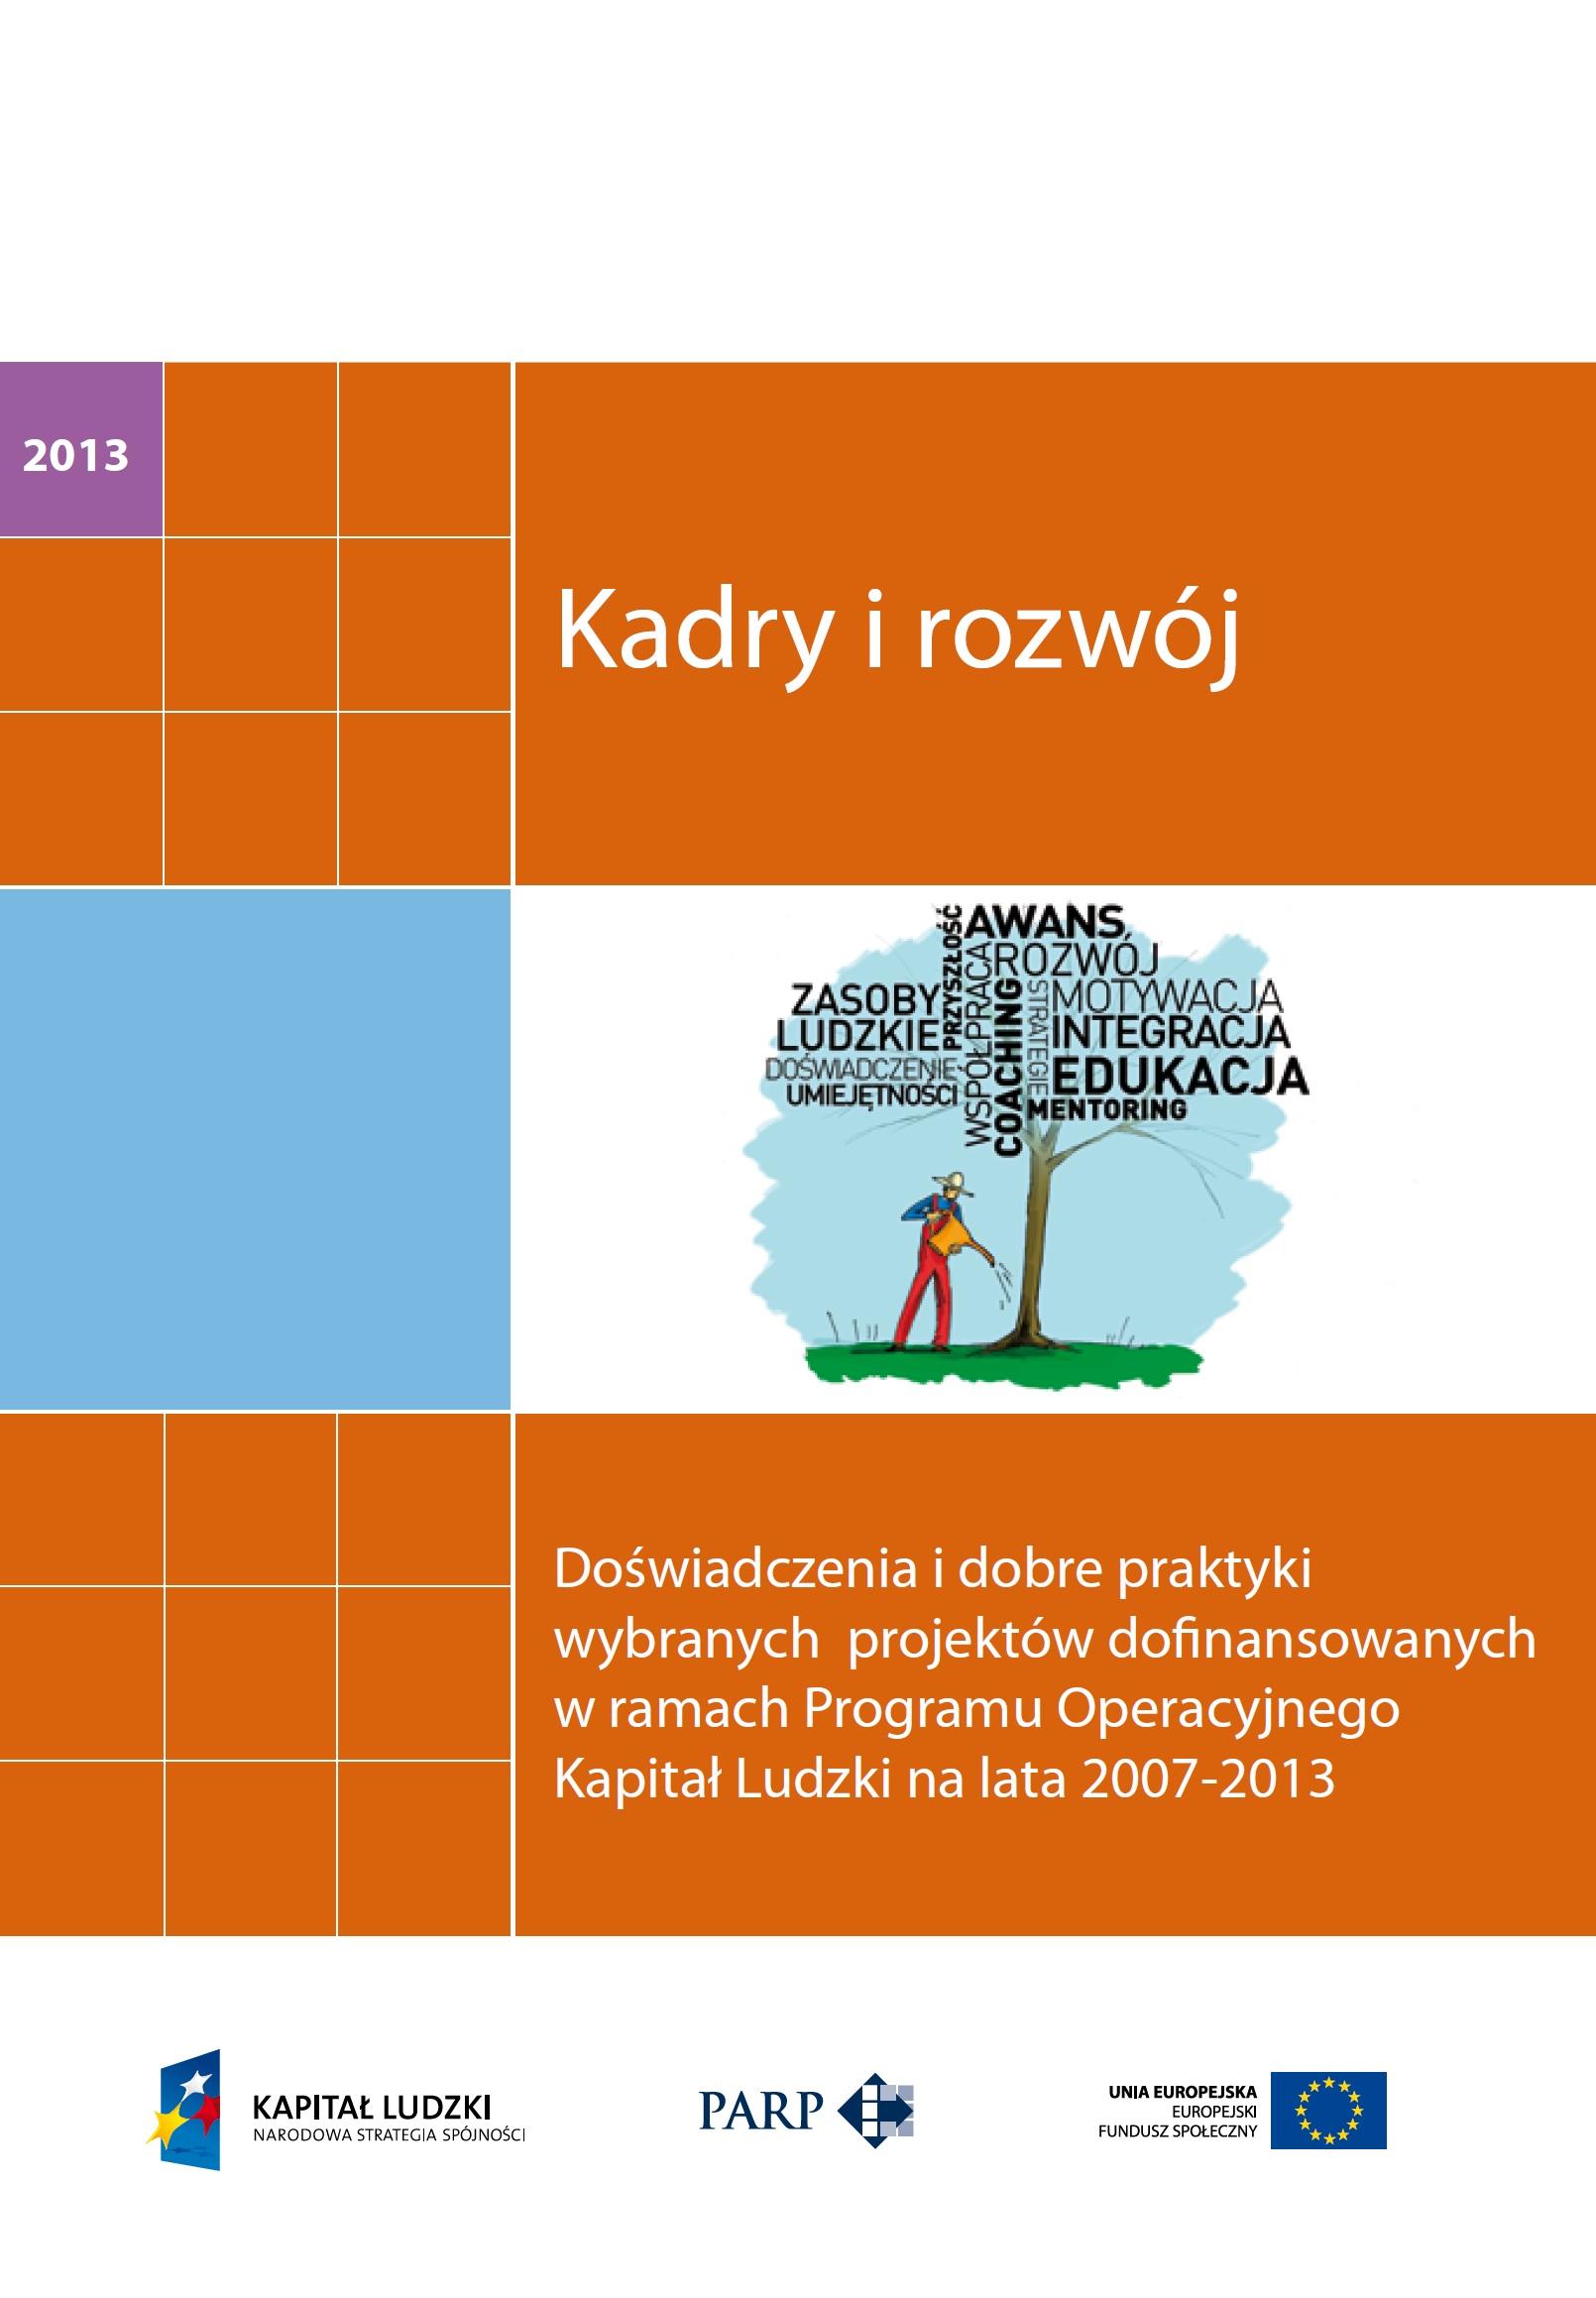 Kadry i rozwój